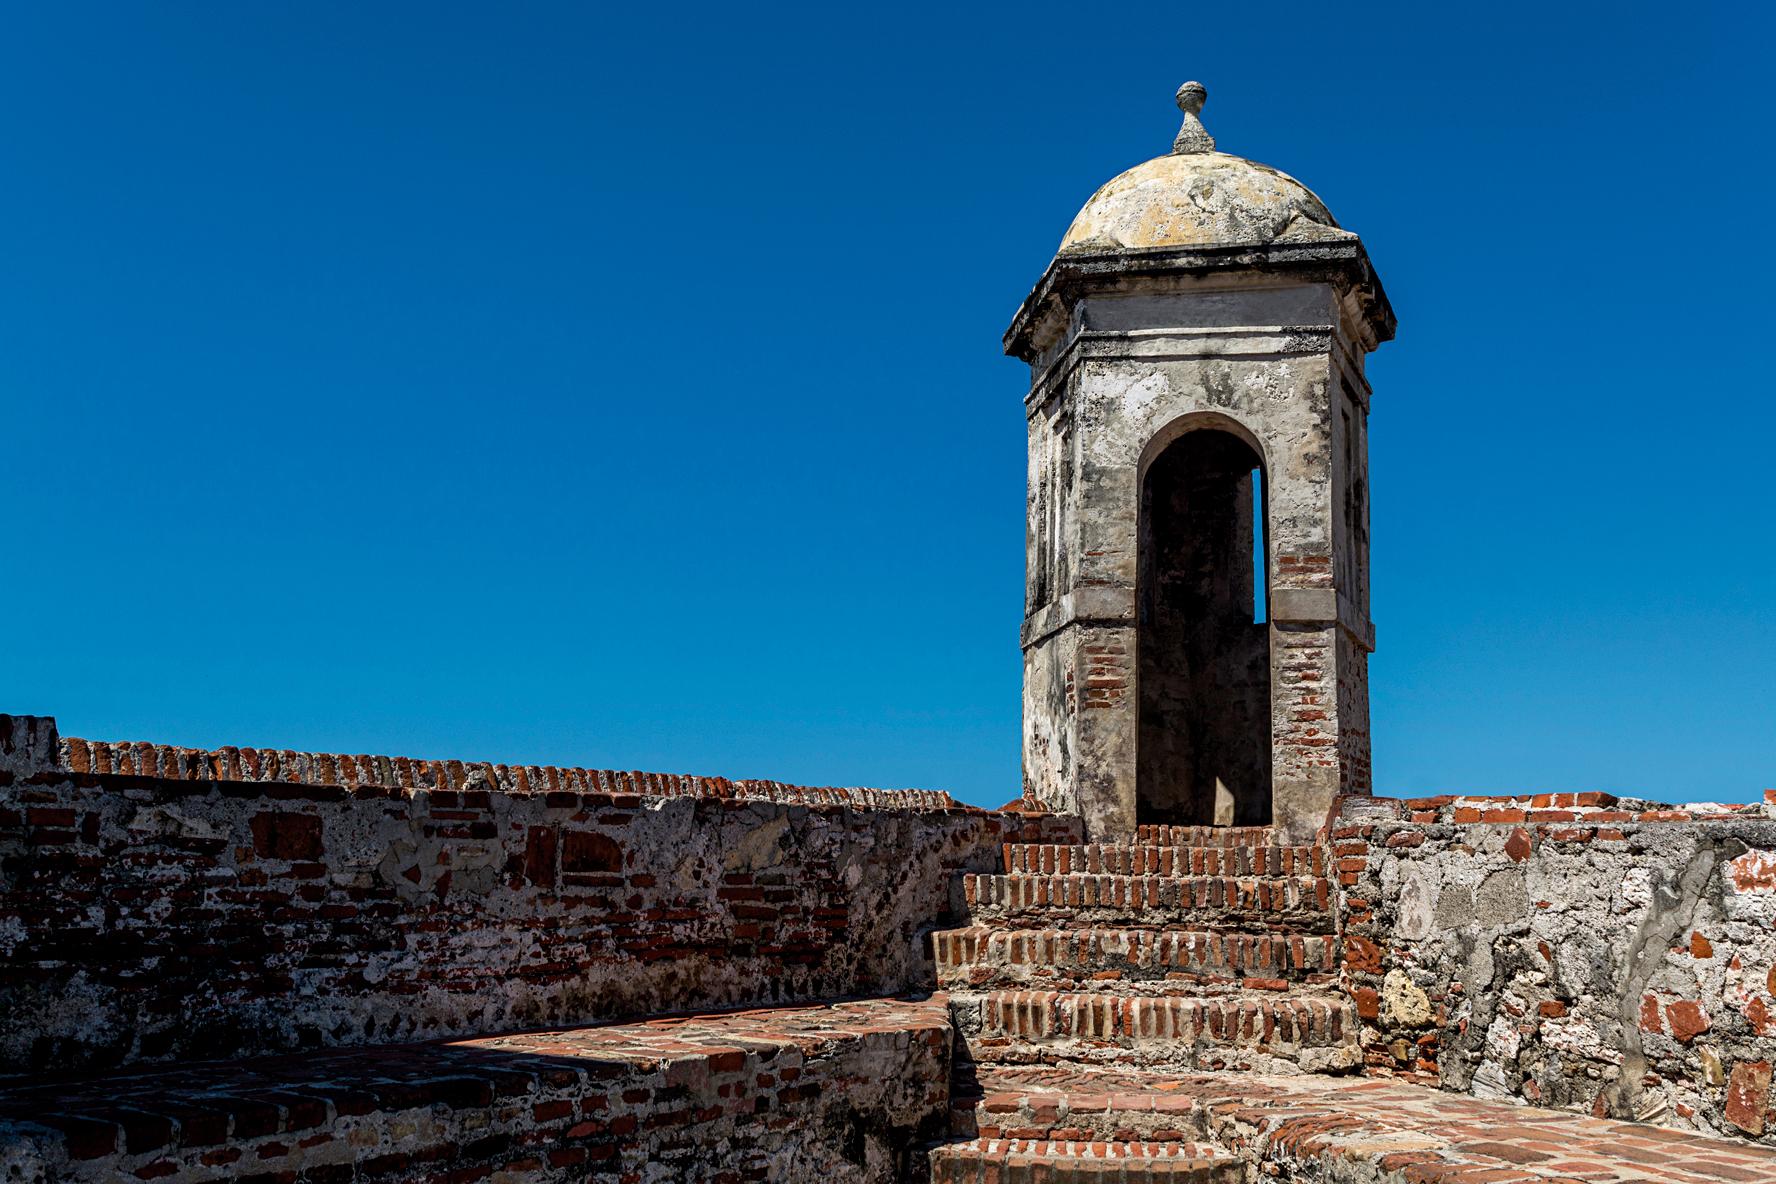 <CENTER>Castillo san felipe de barajas</CENTER>